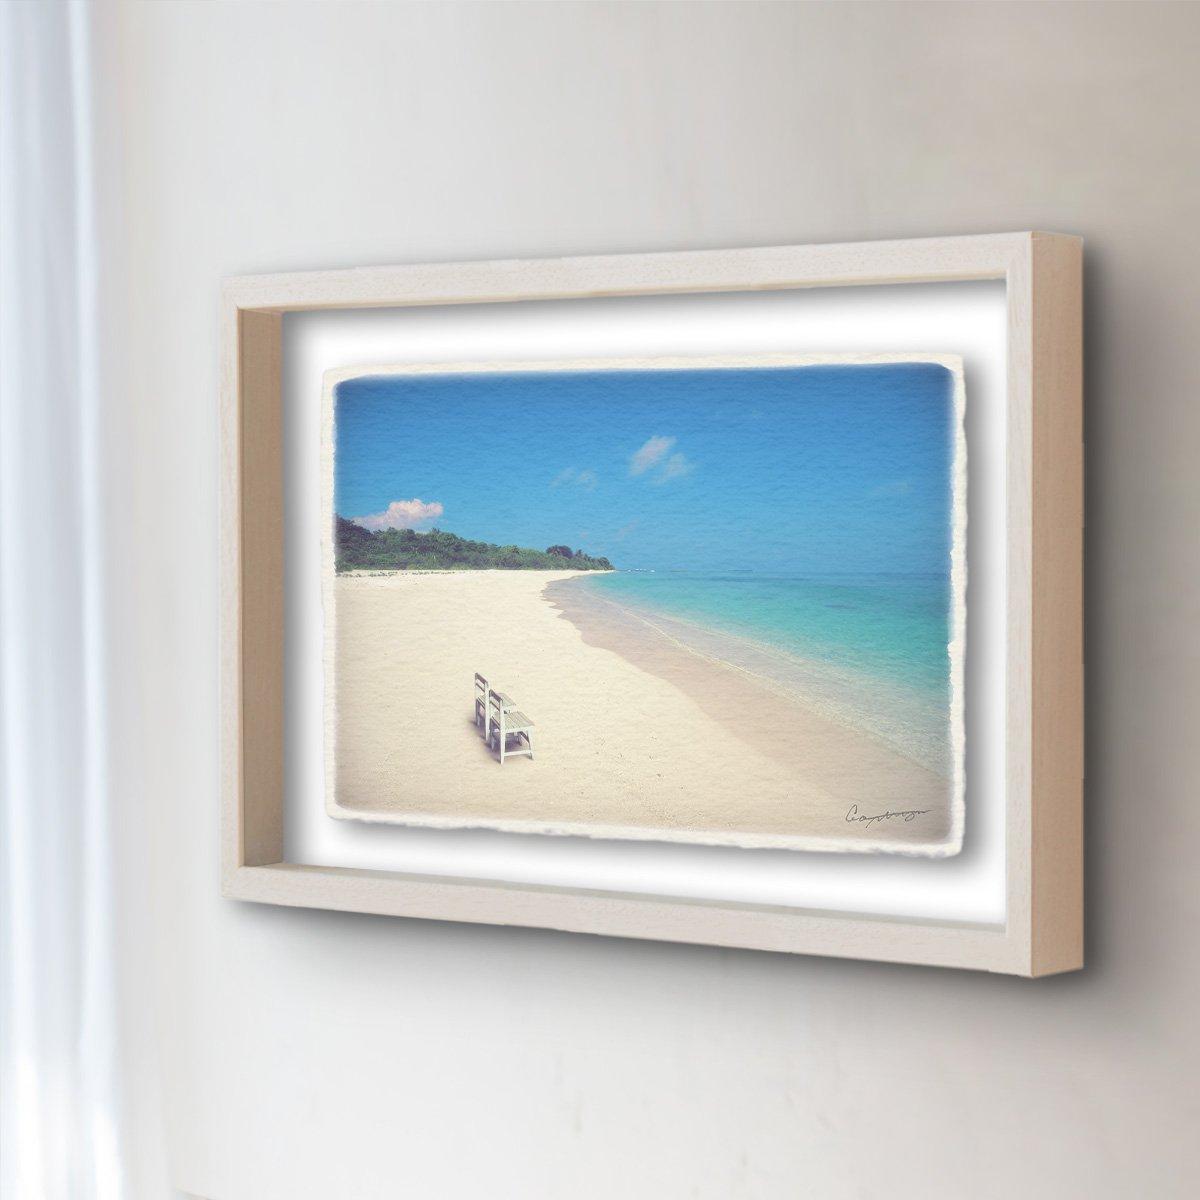 和紙 アートフレーム 「どこまでも続く珊瑚礁の砂浜と白い椅子」 (52x42cm) 結婚祝い プレゼント 絵 絵画 壁掛け 壁飾り 額縁 インテリア アート B0736NCCK7 24.アートフレーム(長辺52cm) 55000円|どこまでも続く珊瑚礁の砂浜と白い椅子 どこまでも続く珊瑚礁の砂浜と白い椅子 24.アートフレーム(長辺52cm) 55000円